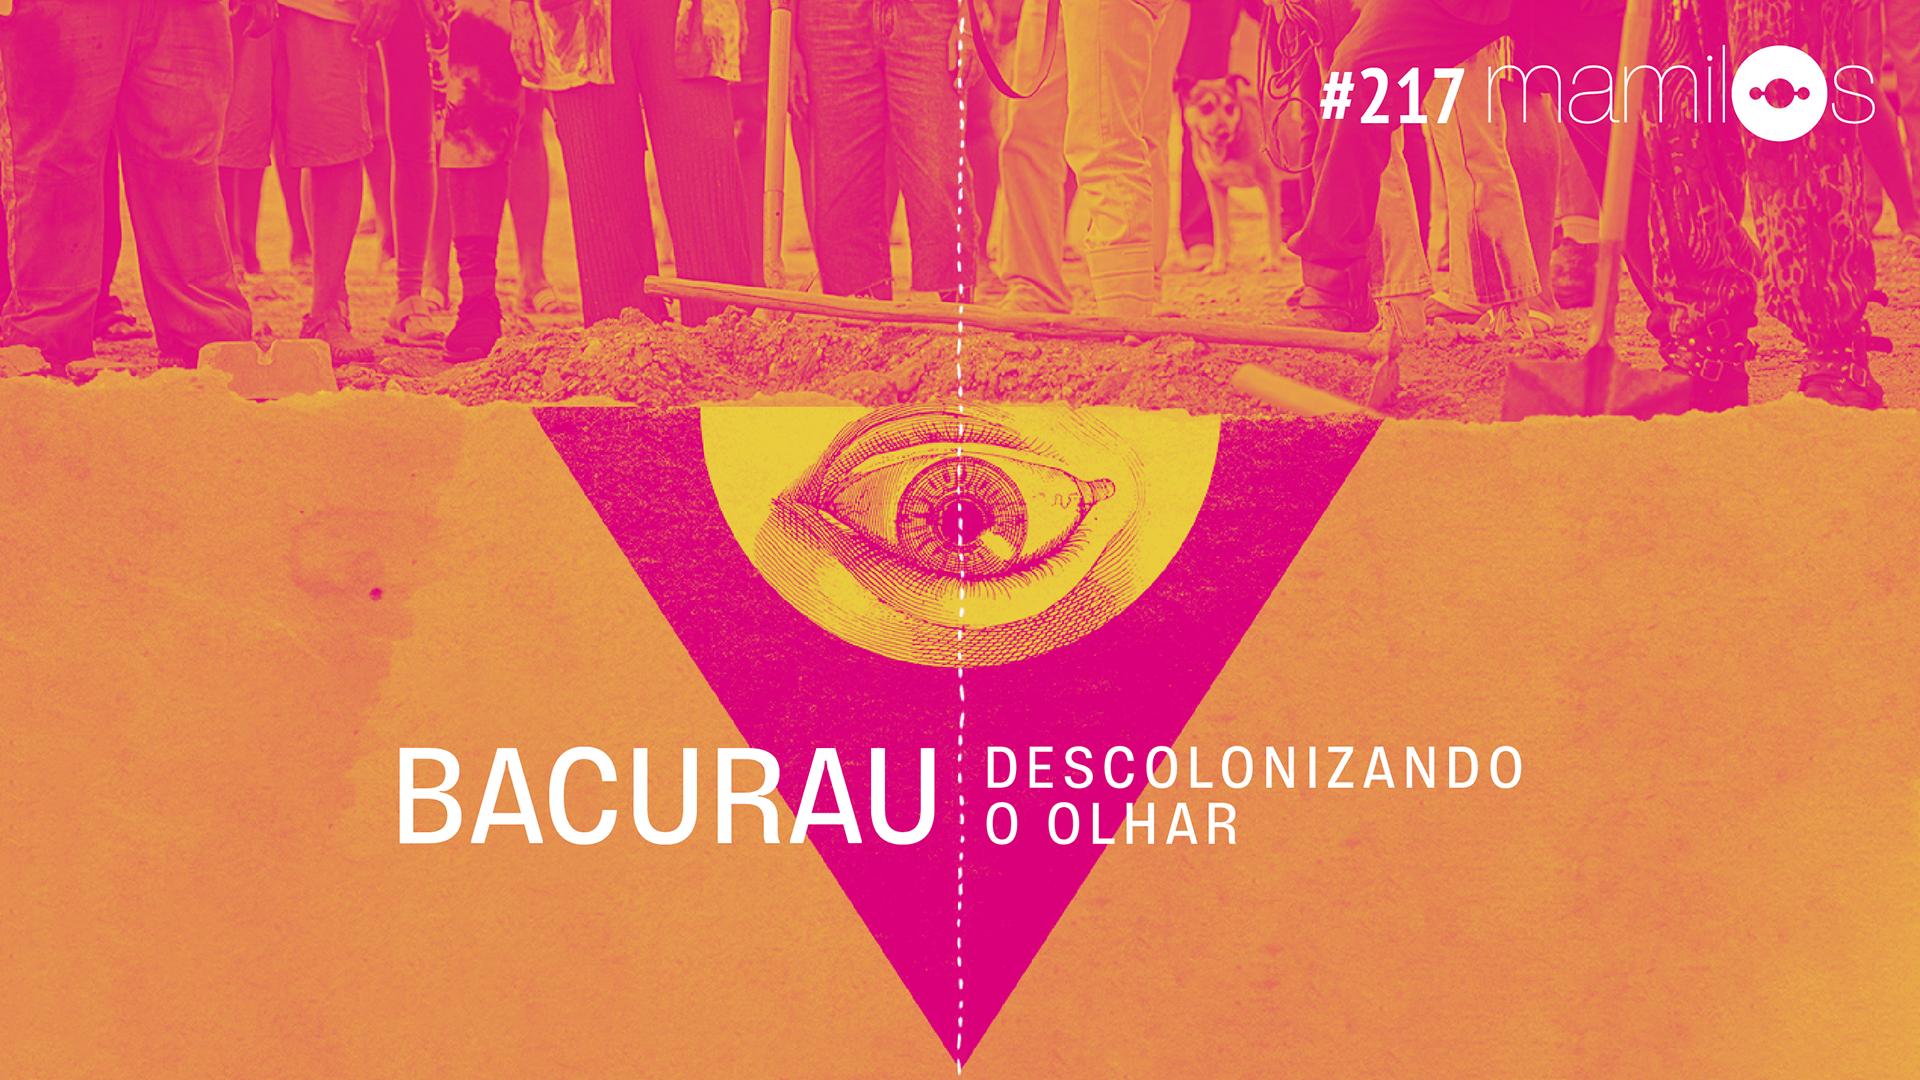 Mamilos #217 – Bacurau: descolonizando o olhar